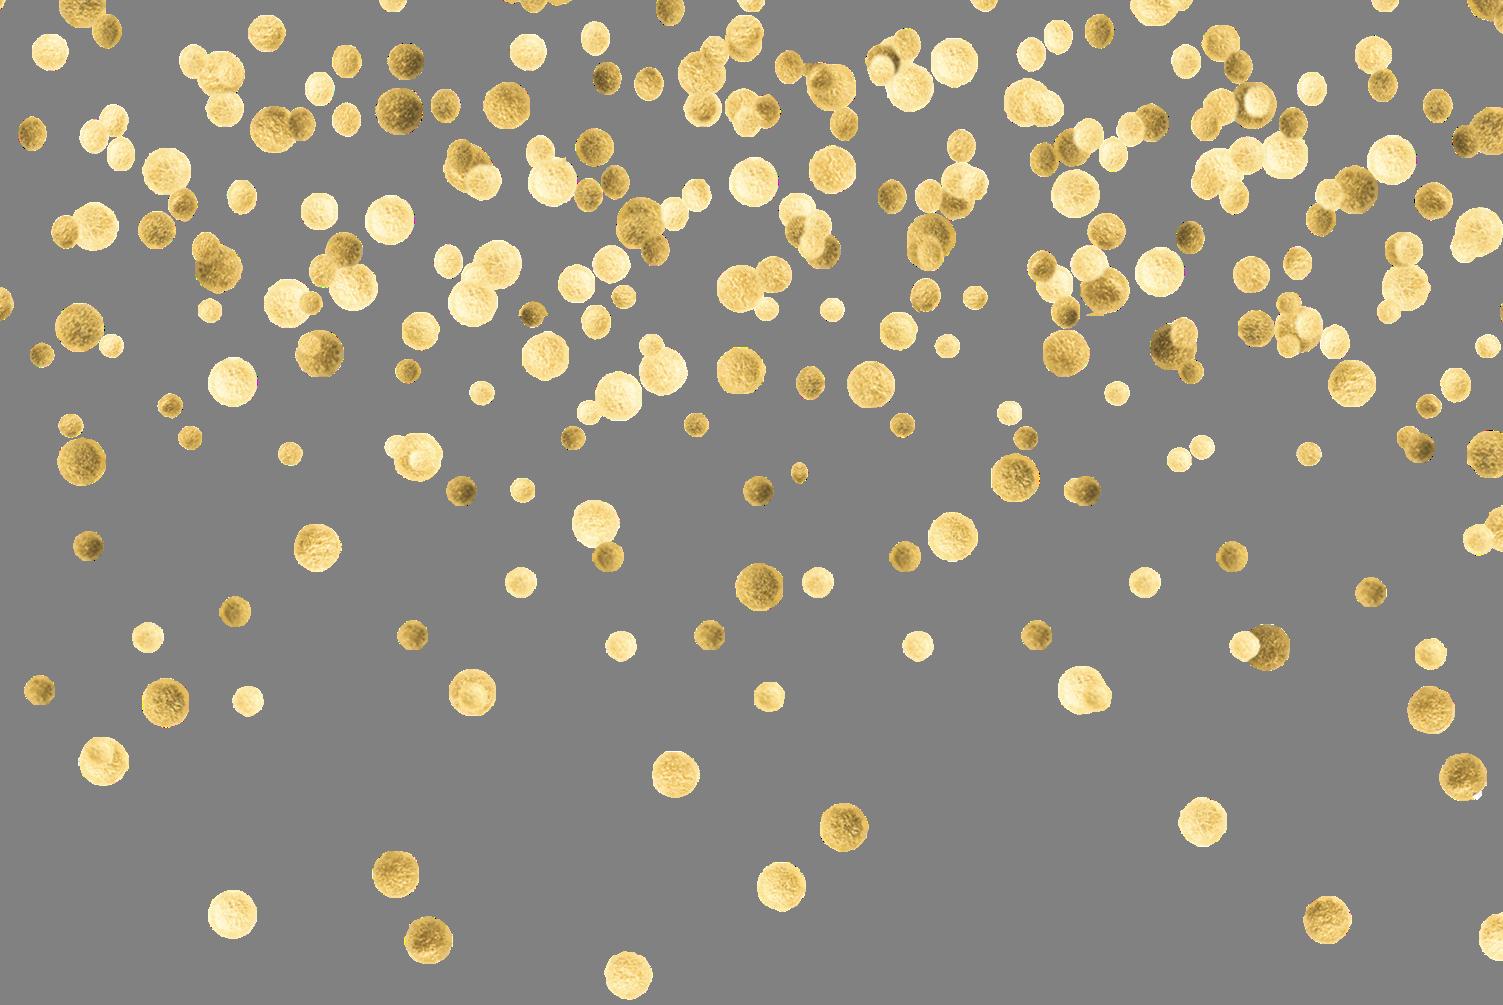 Confetti Gold Clip art.